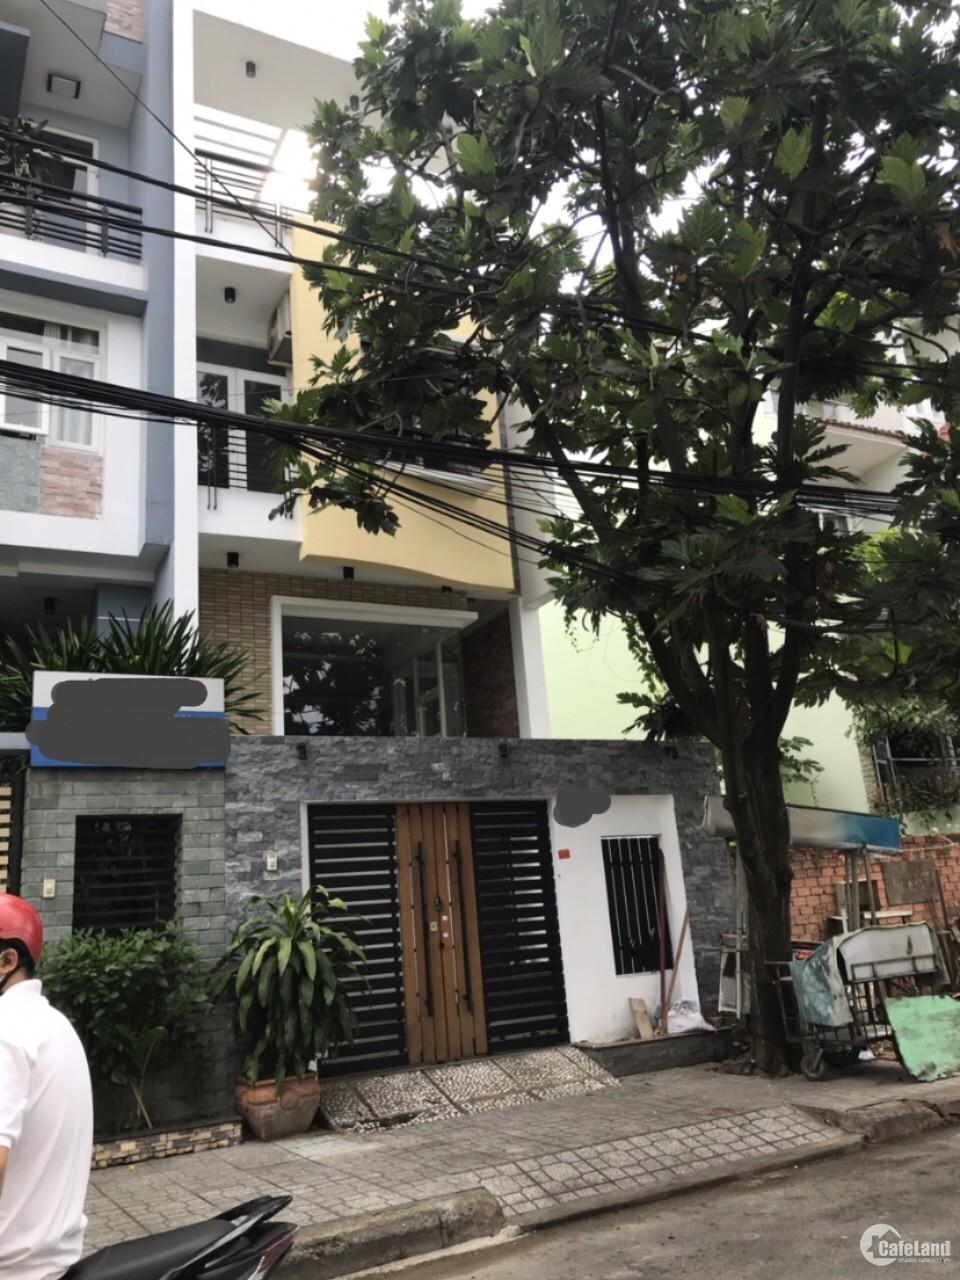 Chính chủ bán nhà MTNB phường Tây Thạnh, 90.6m2 Giá 8,8 tỷ TL